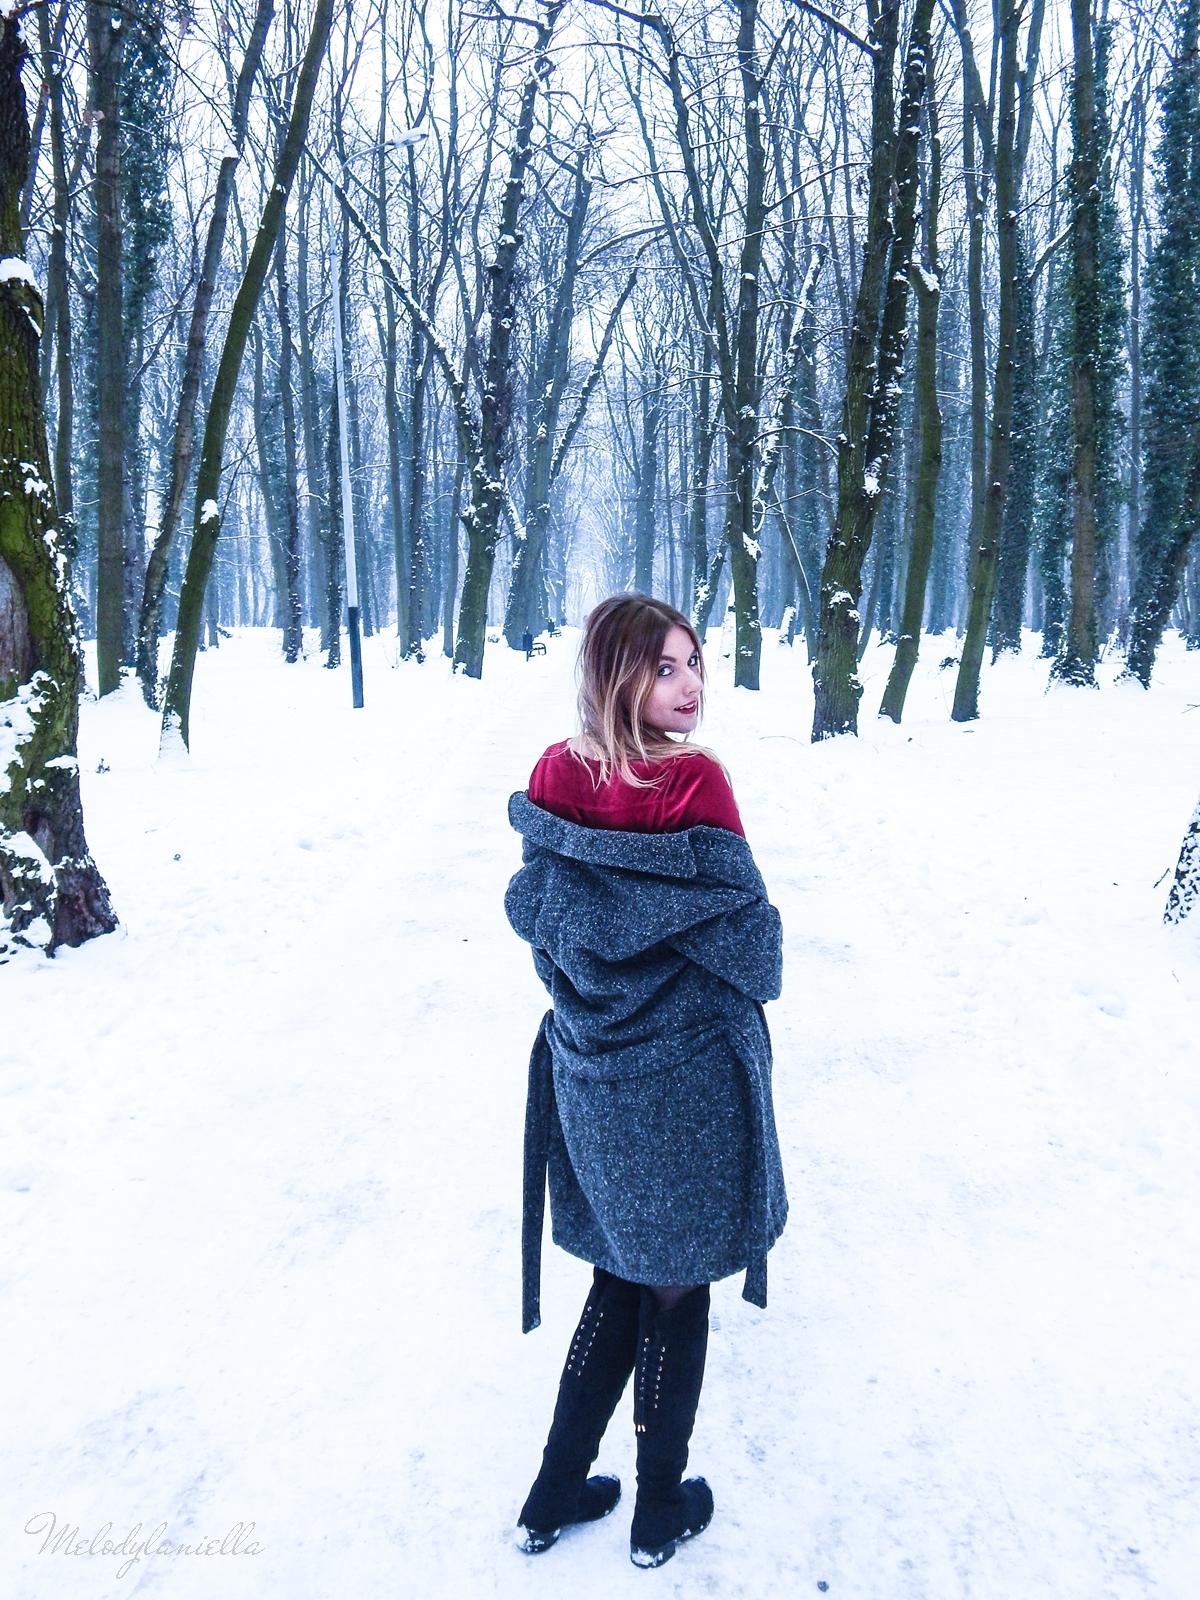 012 torebka manzana czarna czerwona aksamitna  sukienka zaful choker sammydress girl fashion zimowy lookbook stylizacja melodylaniella rajstopy veera pończochy fashion moda szary płaszcz muszkieterki deichmann